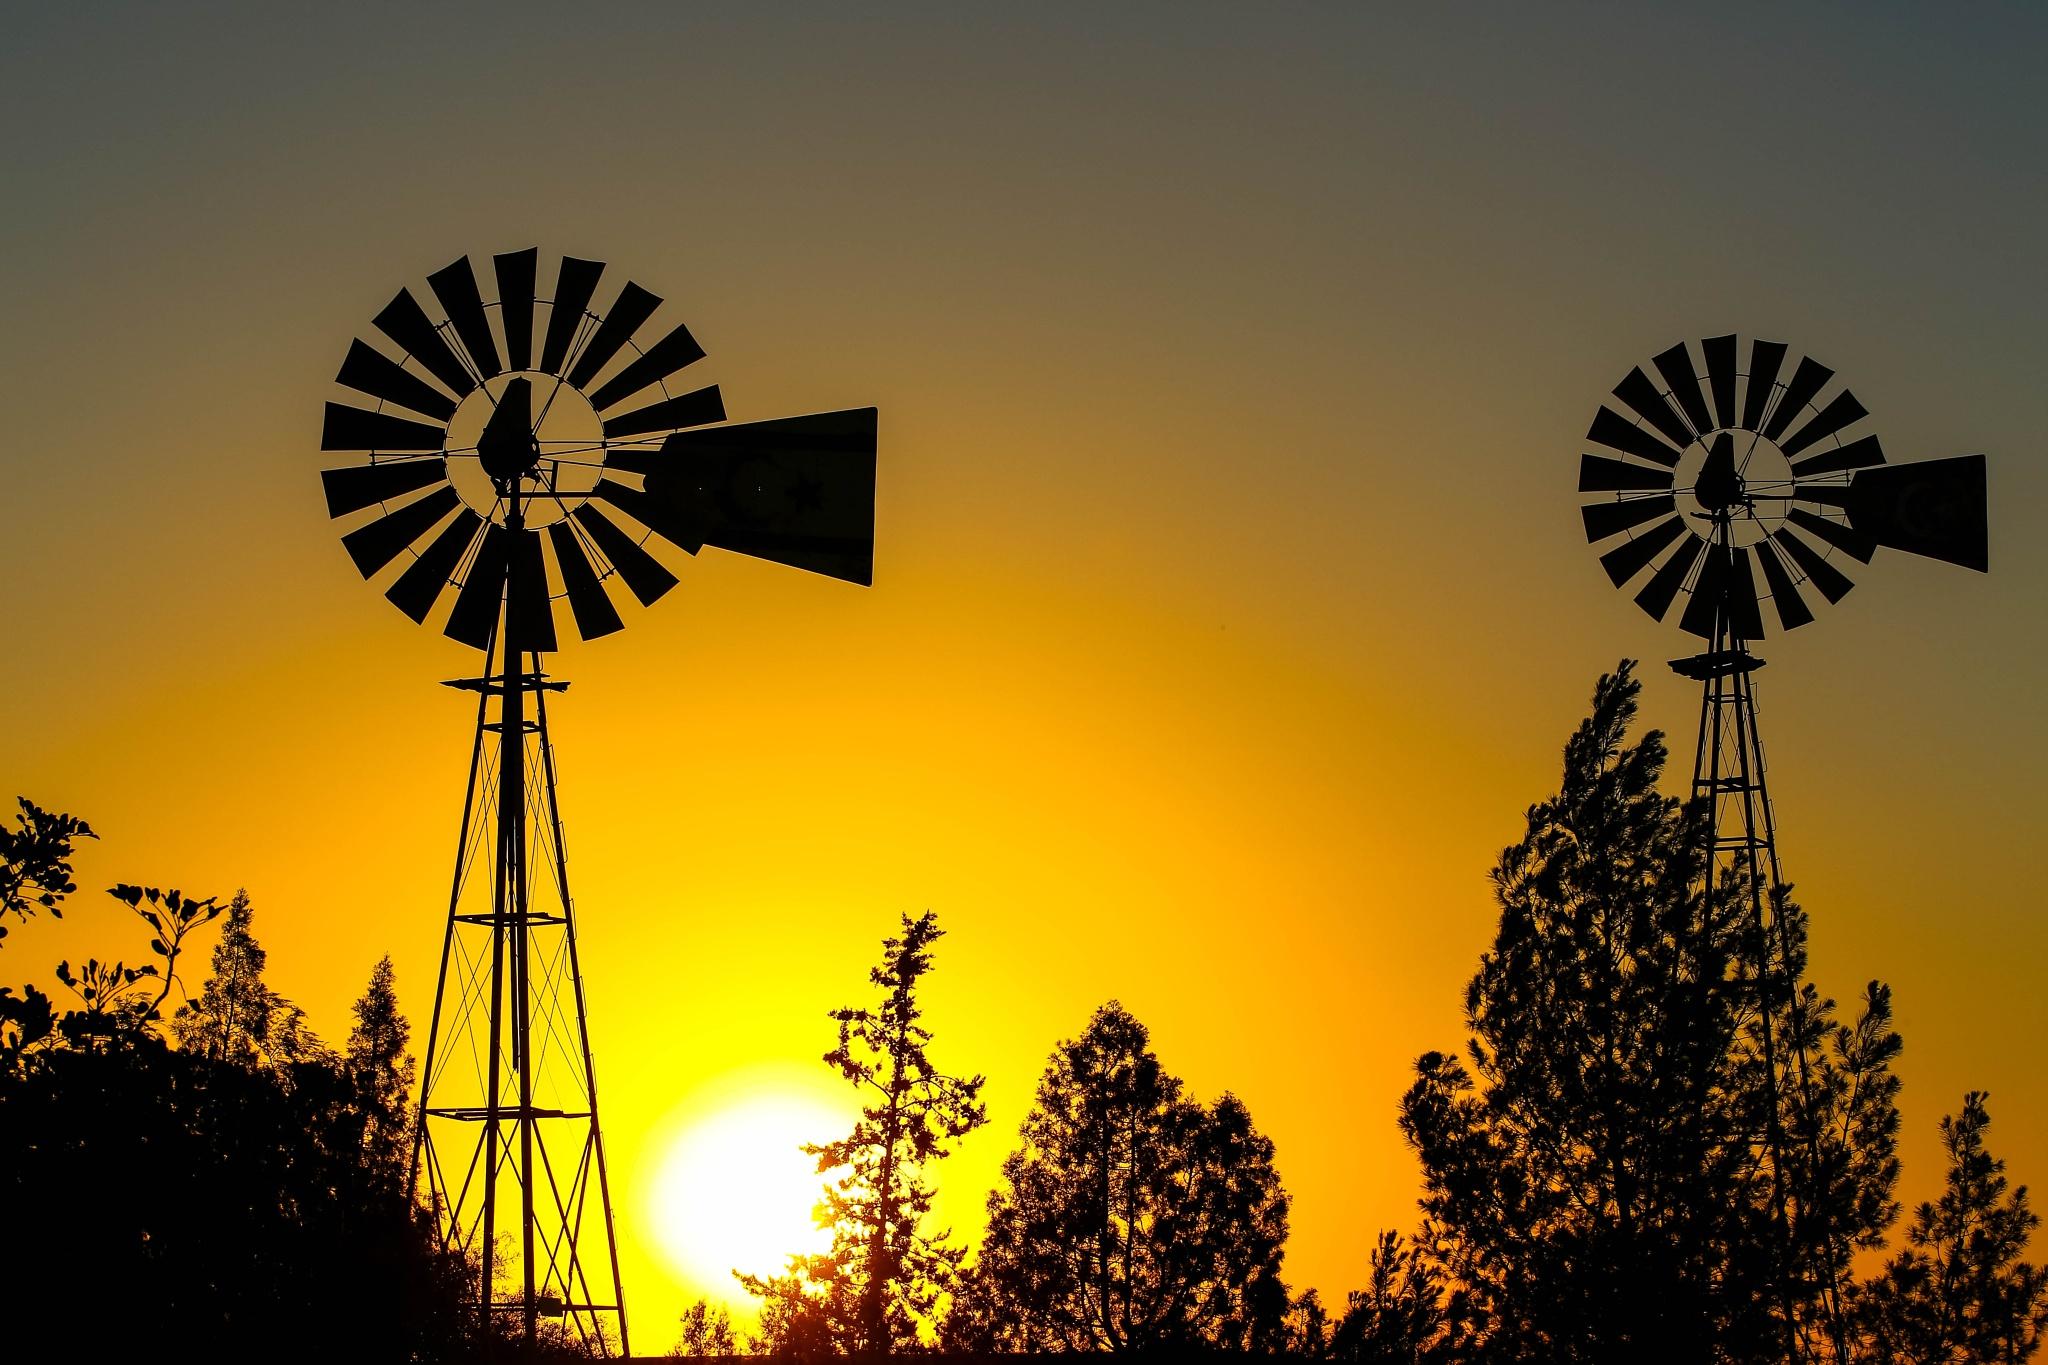 Double Windmill by hbilgen